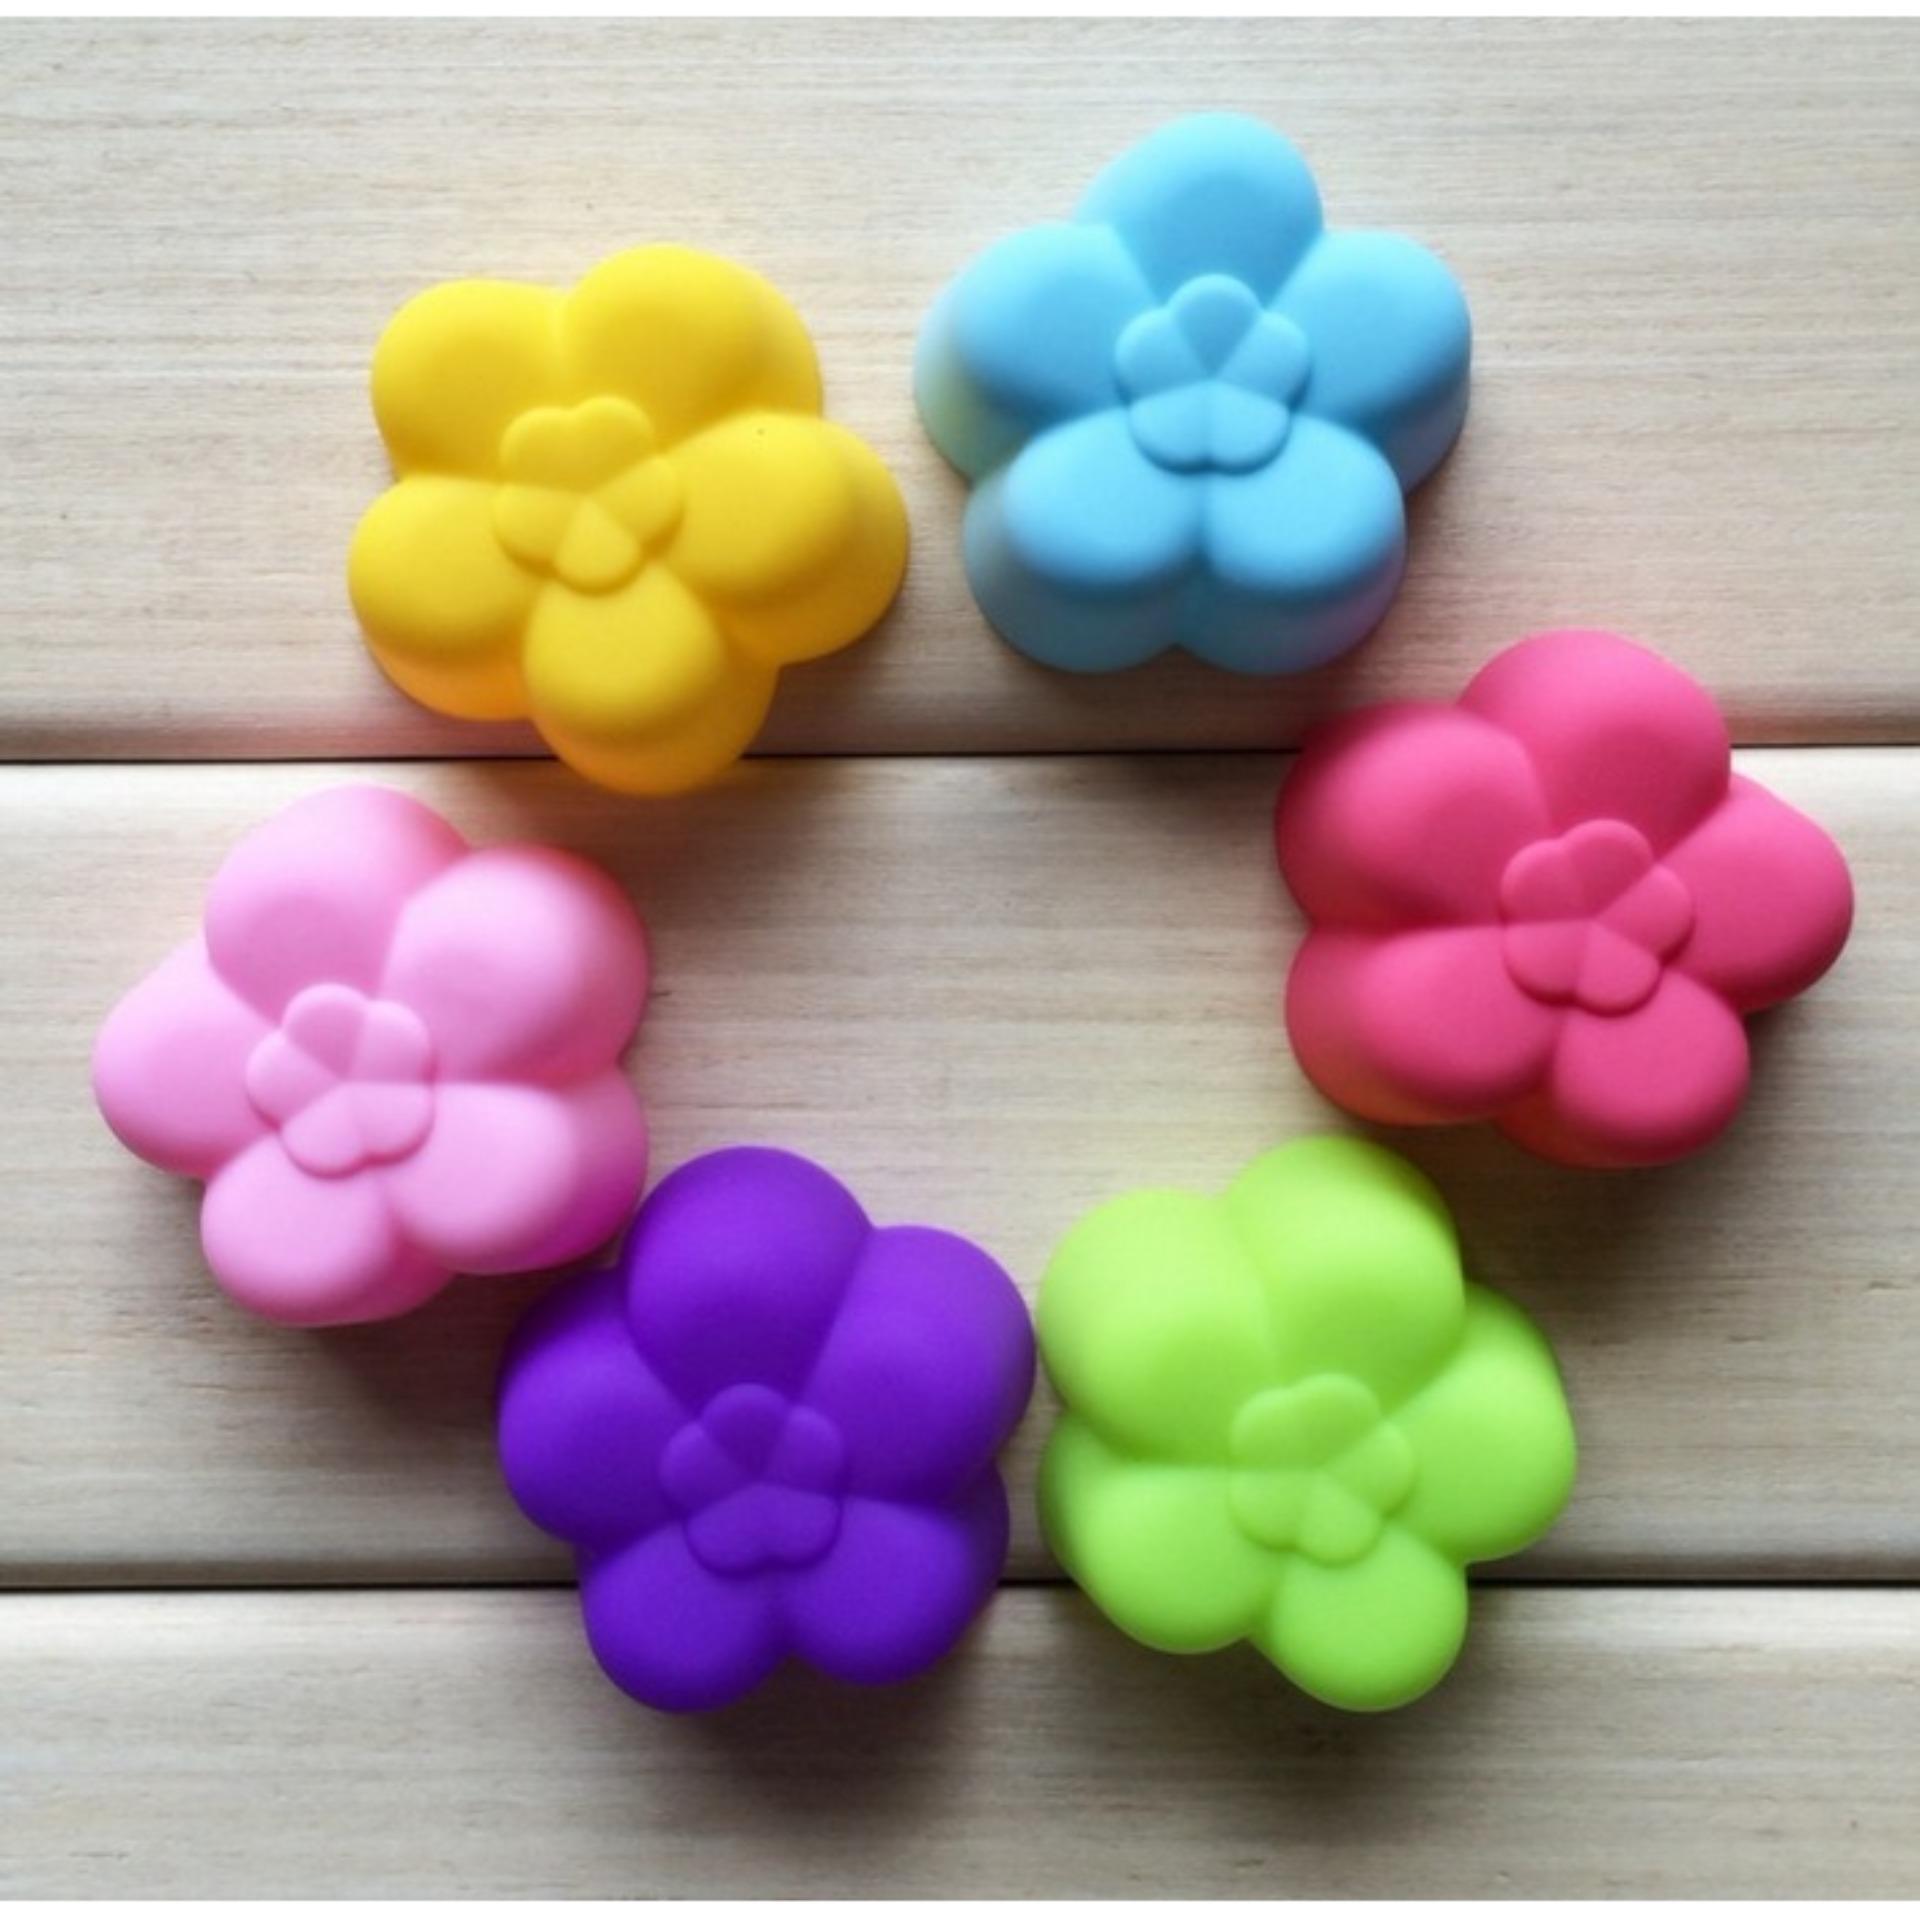 Harga preferensial Cetakan Pudding / Kue / Coklat Silicone Bentuk Bunga Plum Blossom Food Grade Silicone